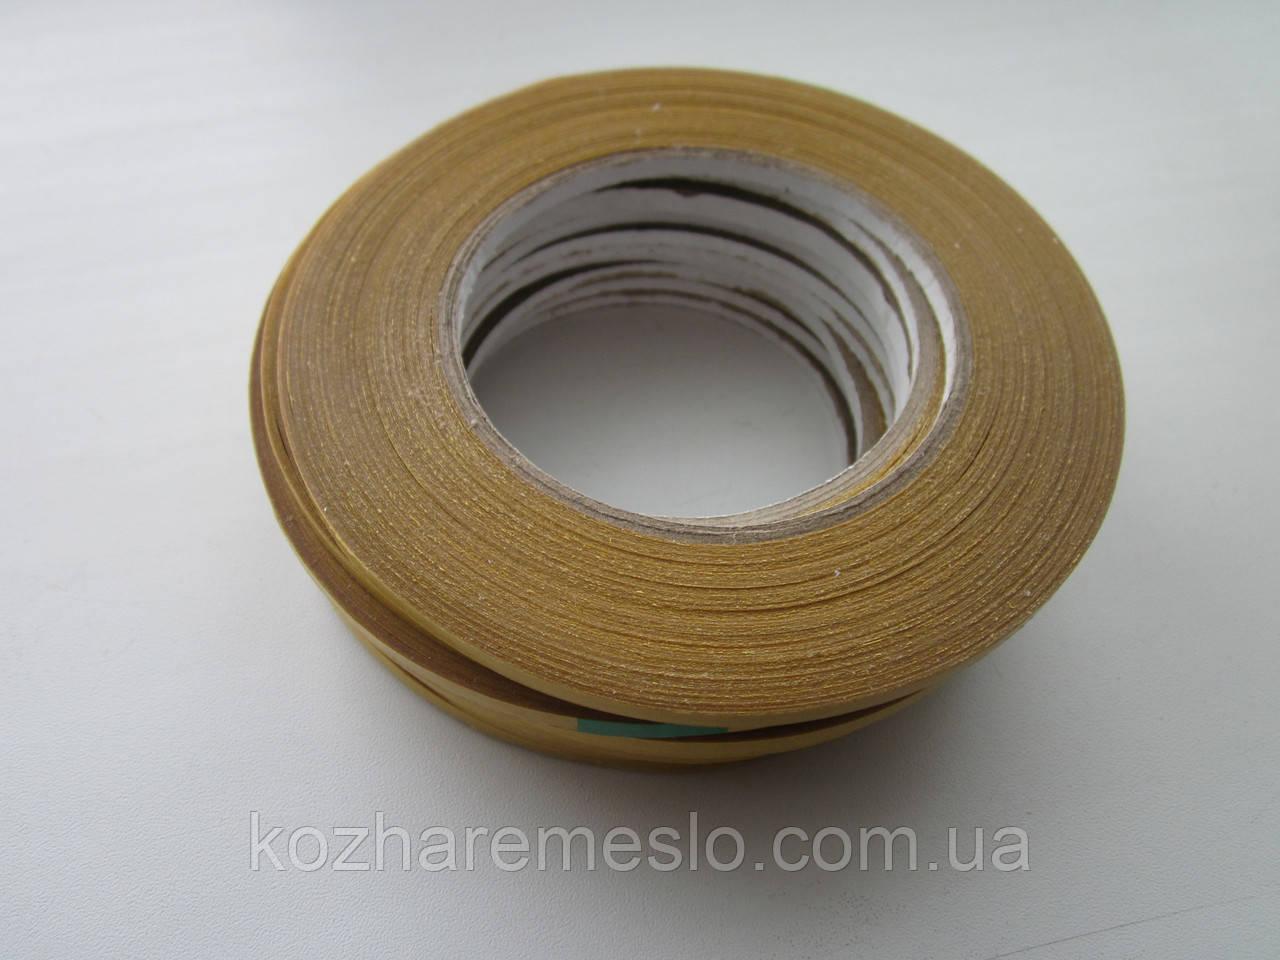 Скотч двухсторонний, прозрачный 6 мм х 50 м (полипропиленовый)